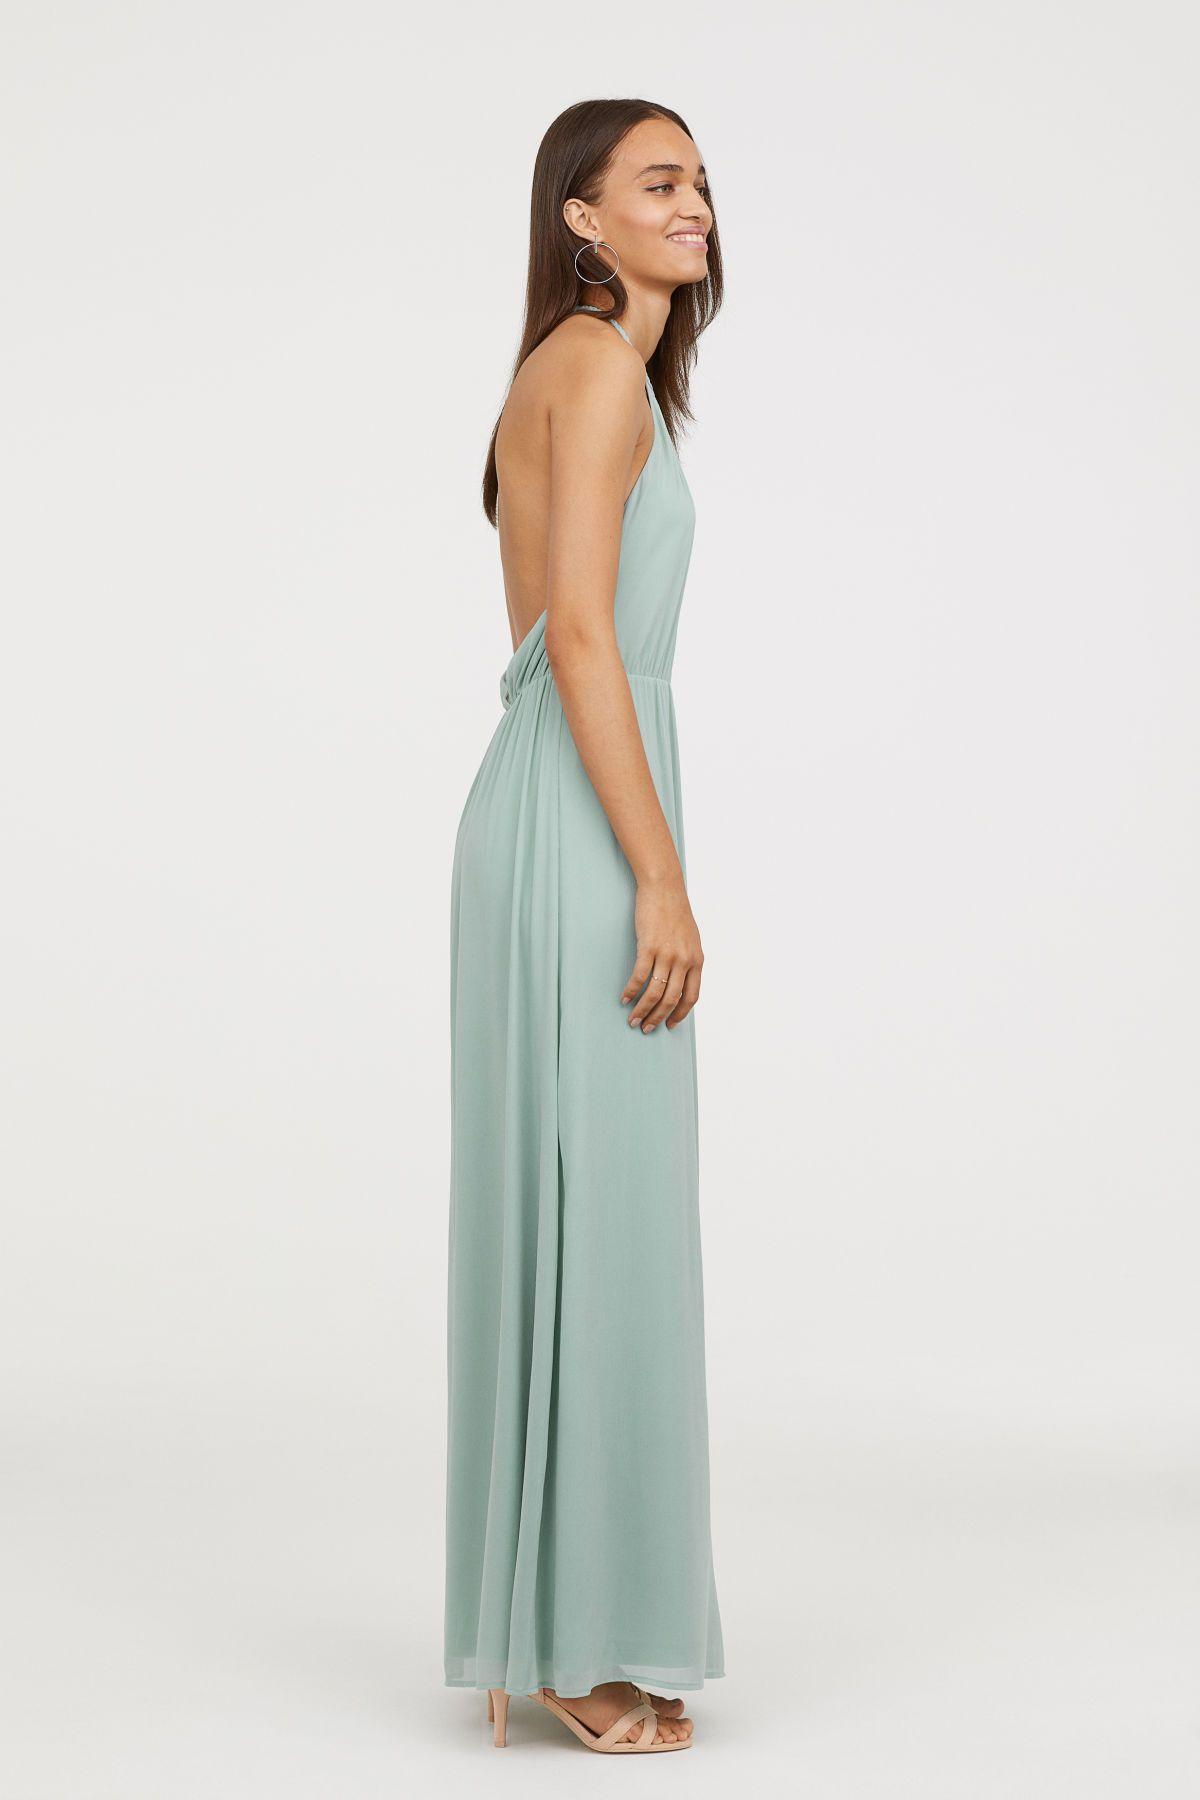 Mintgrun Langes Ruckenfreies Neckholder Kleid Aus Zartem Gecrinkeltem Chiffon Das Kleid Hat Oben Ein Geflochte Kleid Hochzeitsgast Kleider Neckholder Kleid